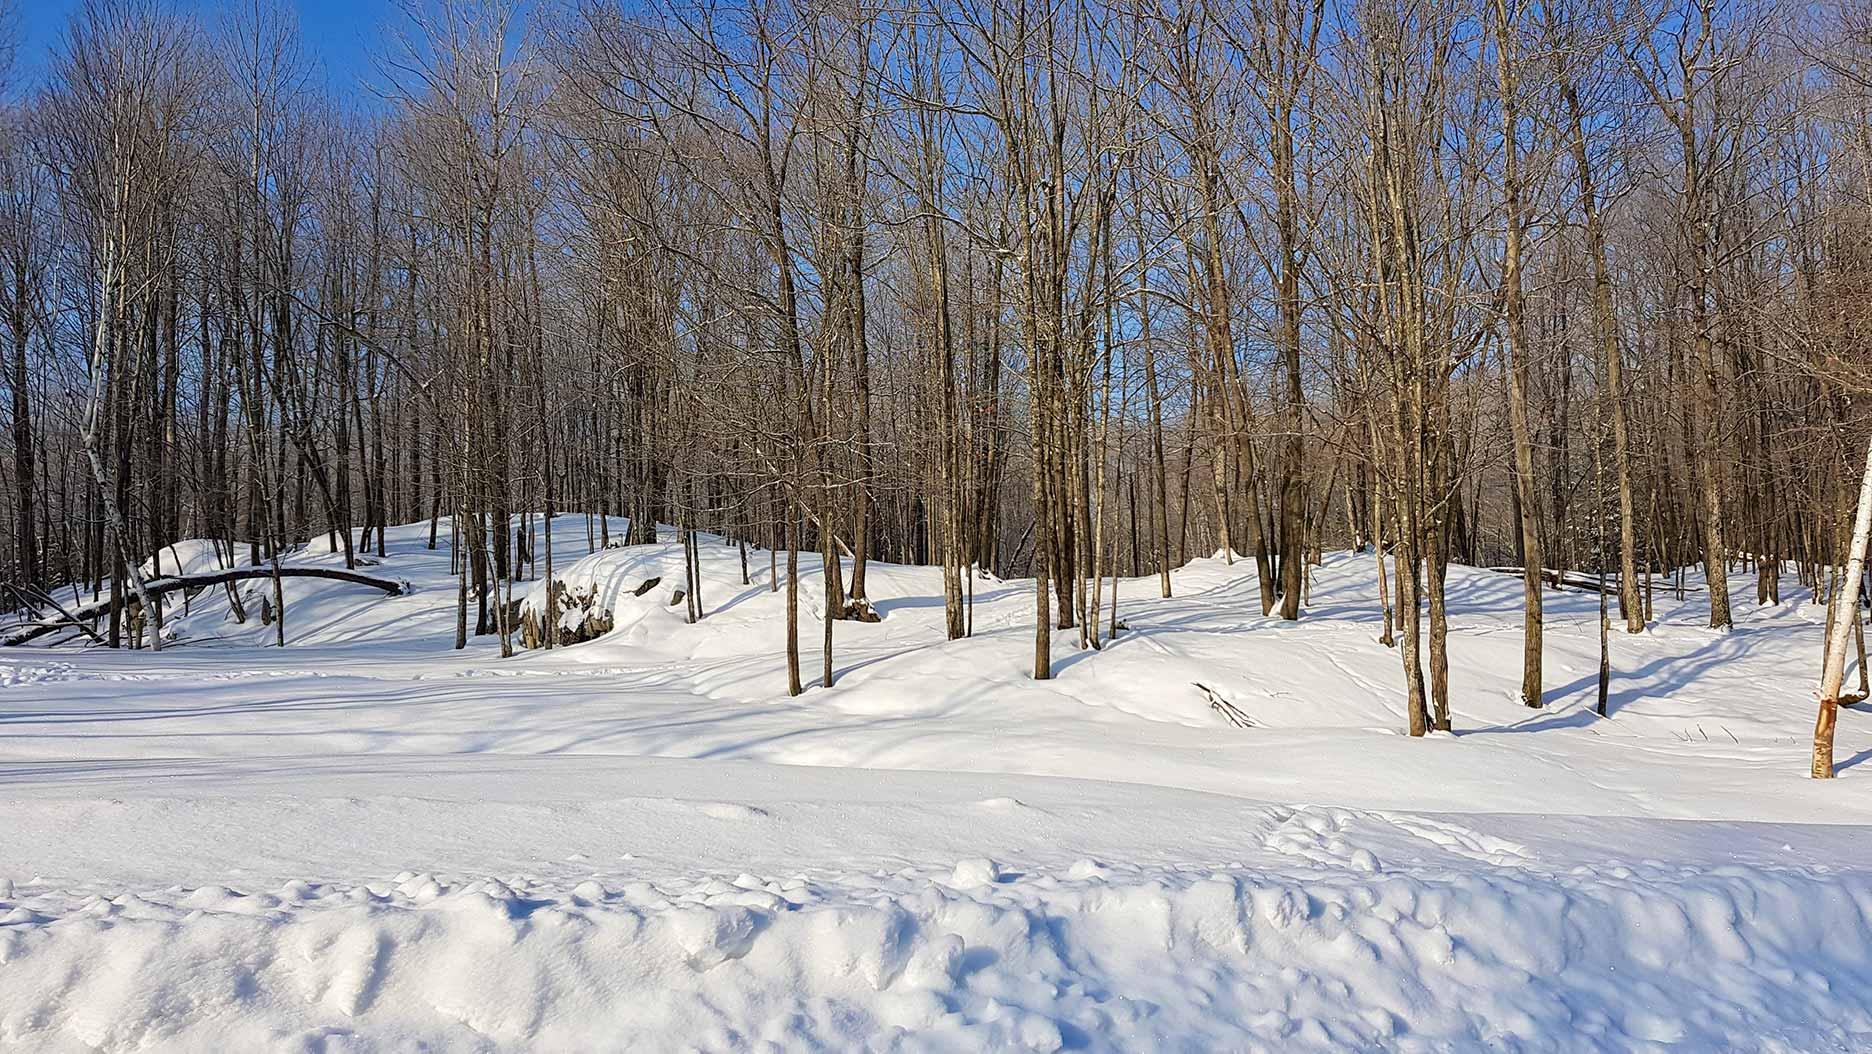 vallée enneigée et arbres en hiver